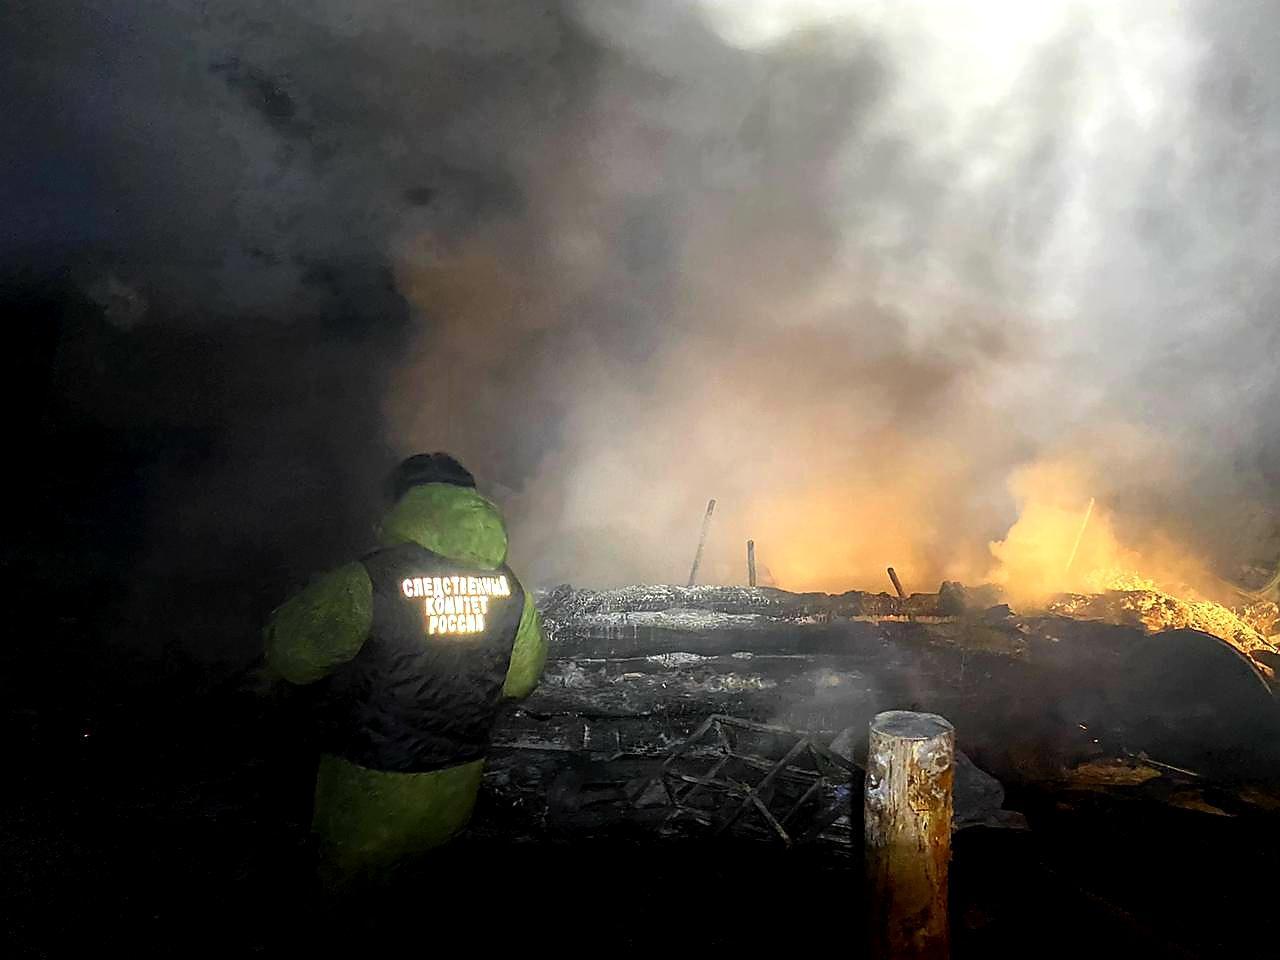 фото Двое детей сгорели, оставшись в доме без взрослых в Якутии 2